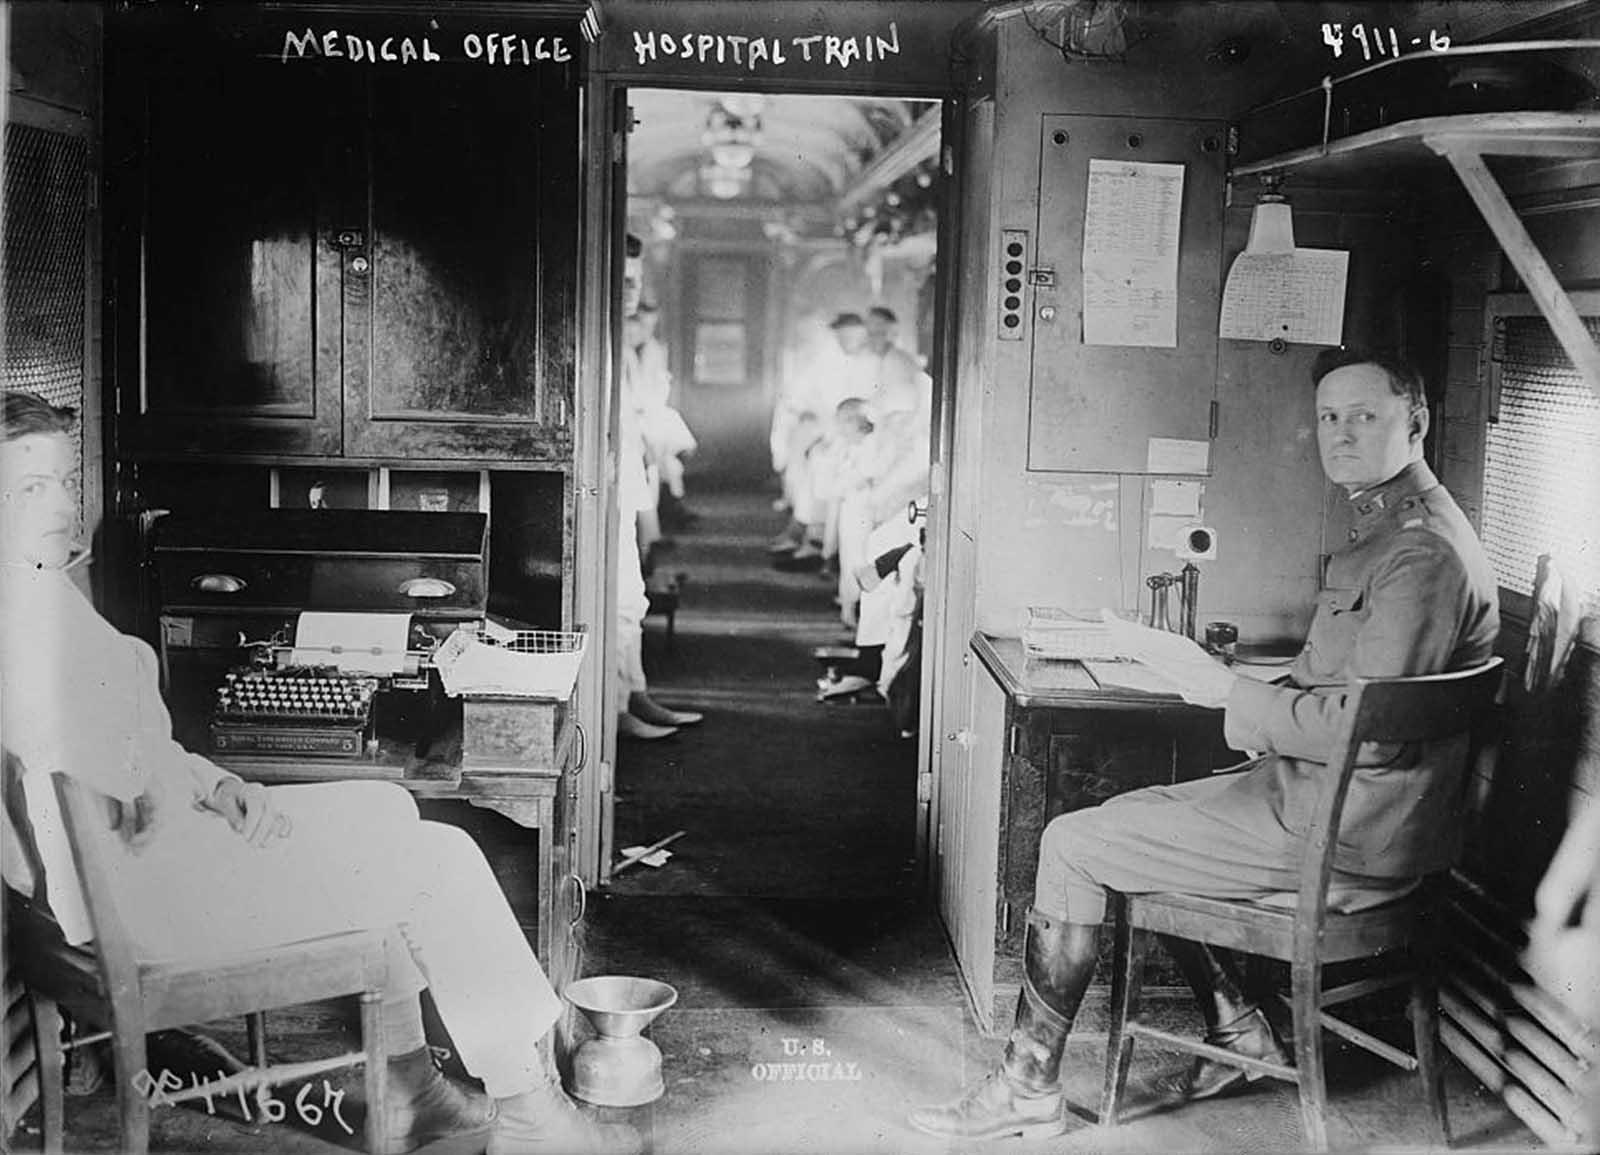 Consultorio médico en un tren hospitalario, hacia 1900.